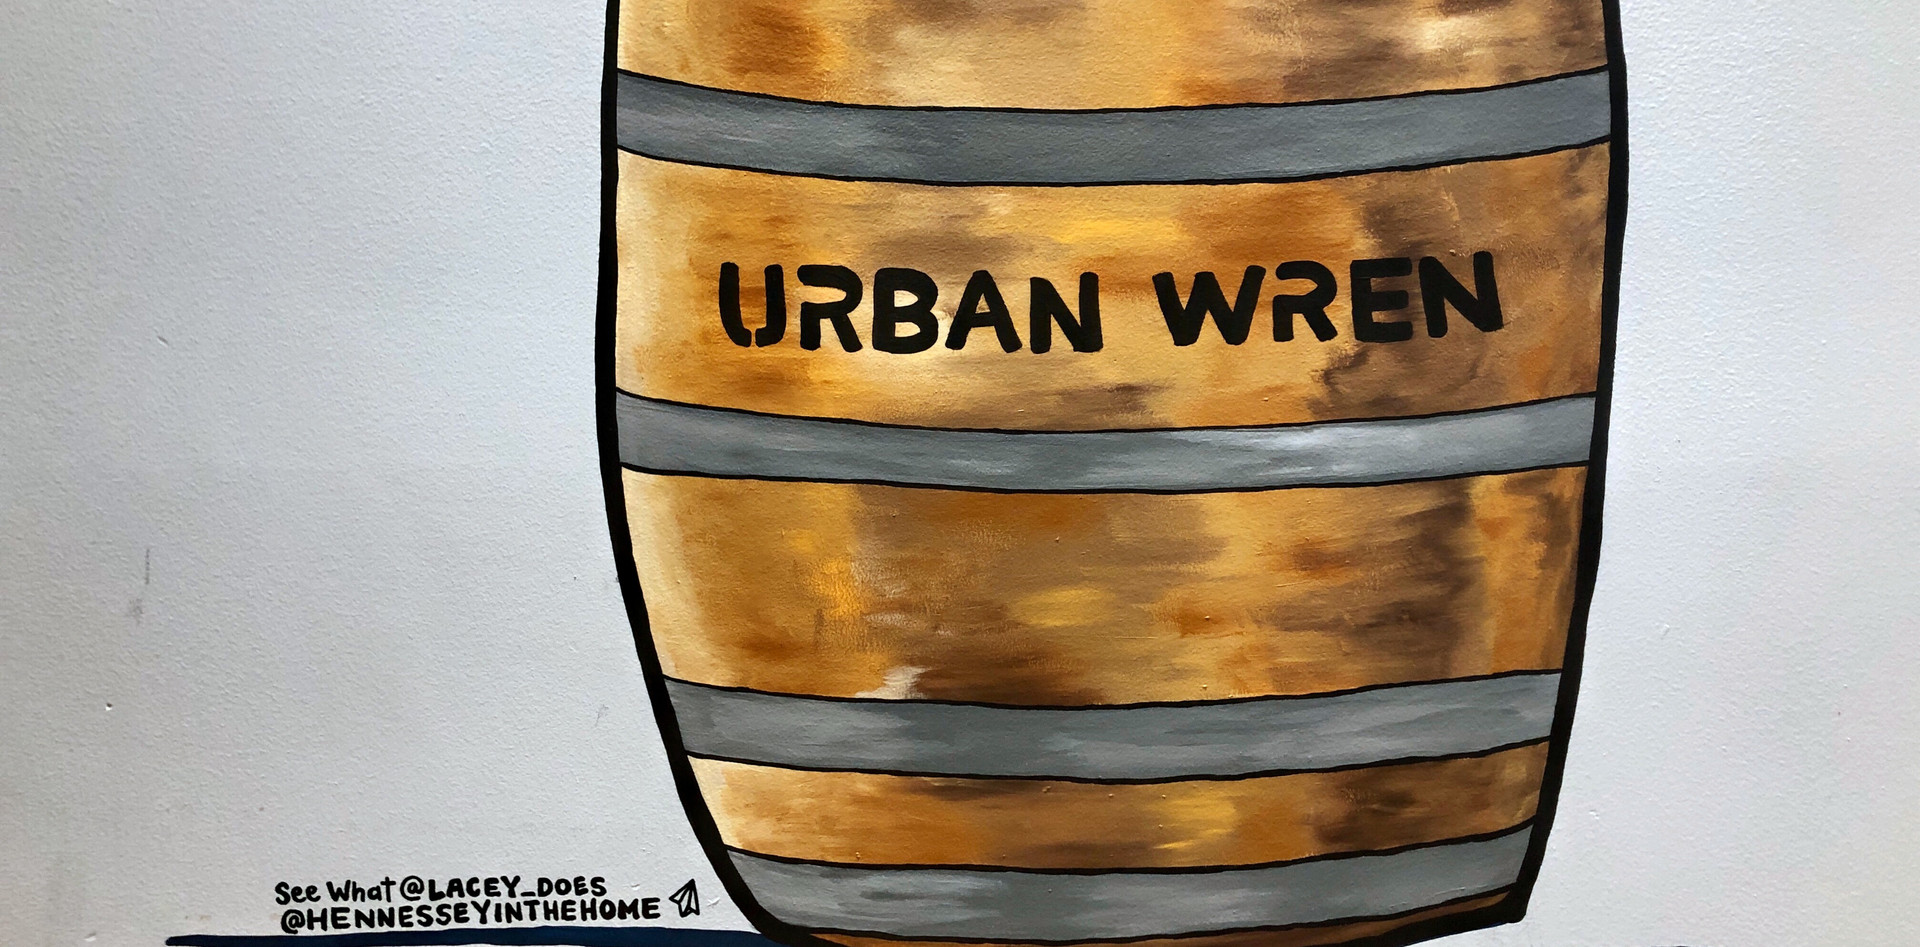 URAB WREN WINE BARREL MURAL